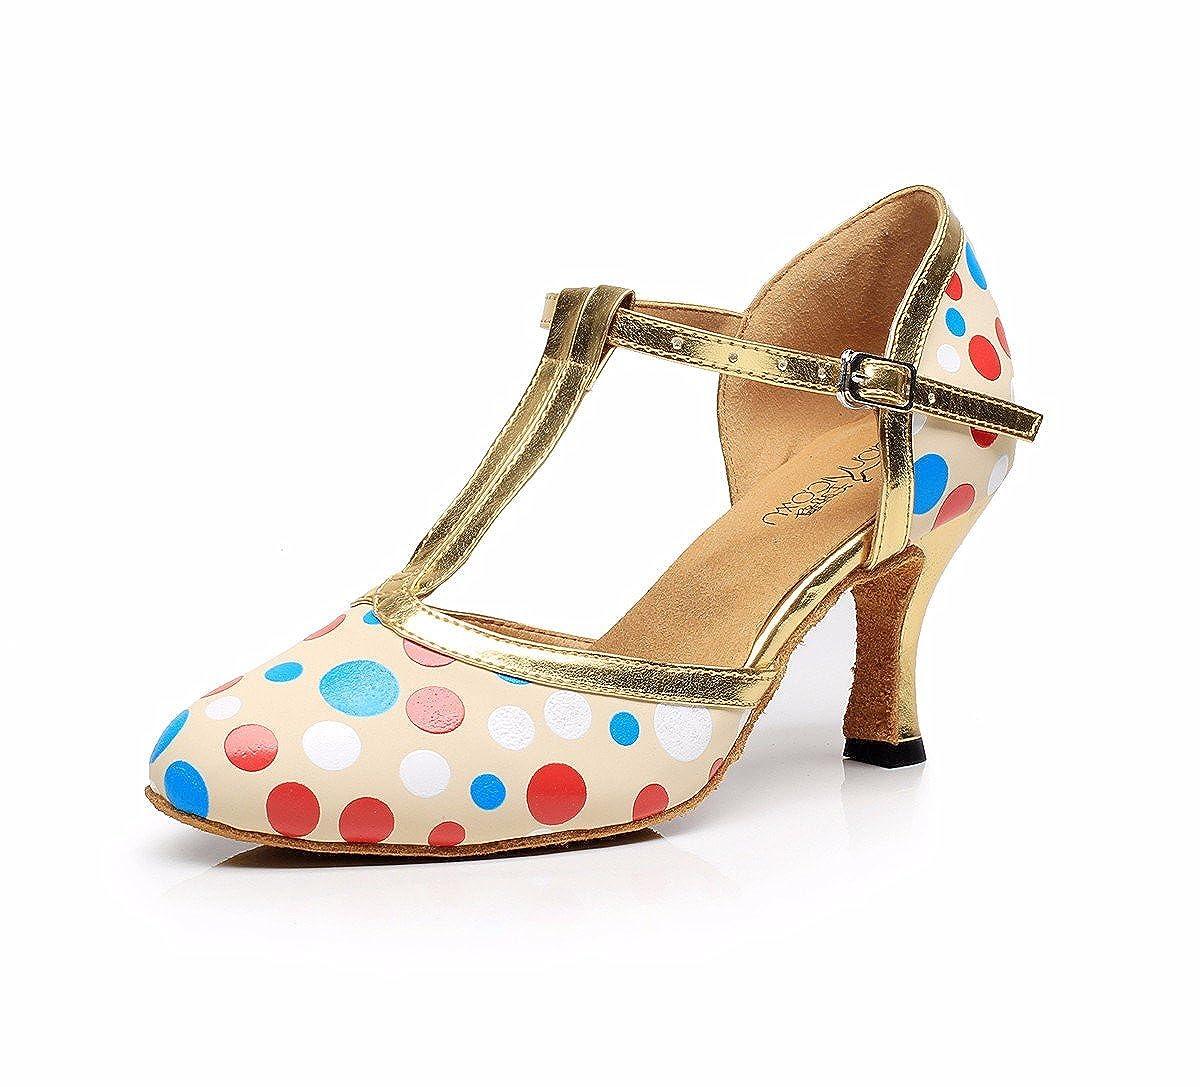 MultiCouleure JINGXINSTORELes chaussures de danse salsa latine sandales d'intérieur professionnel de pu 37 EU